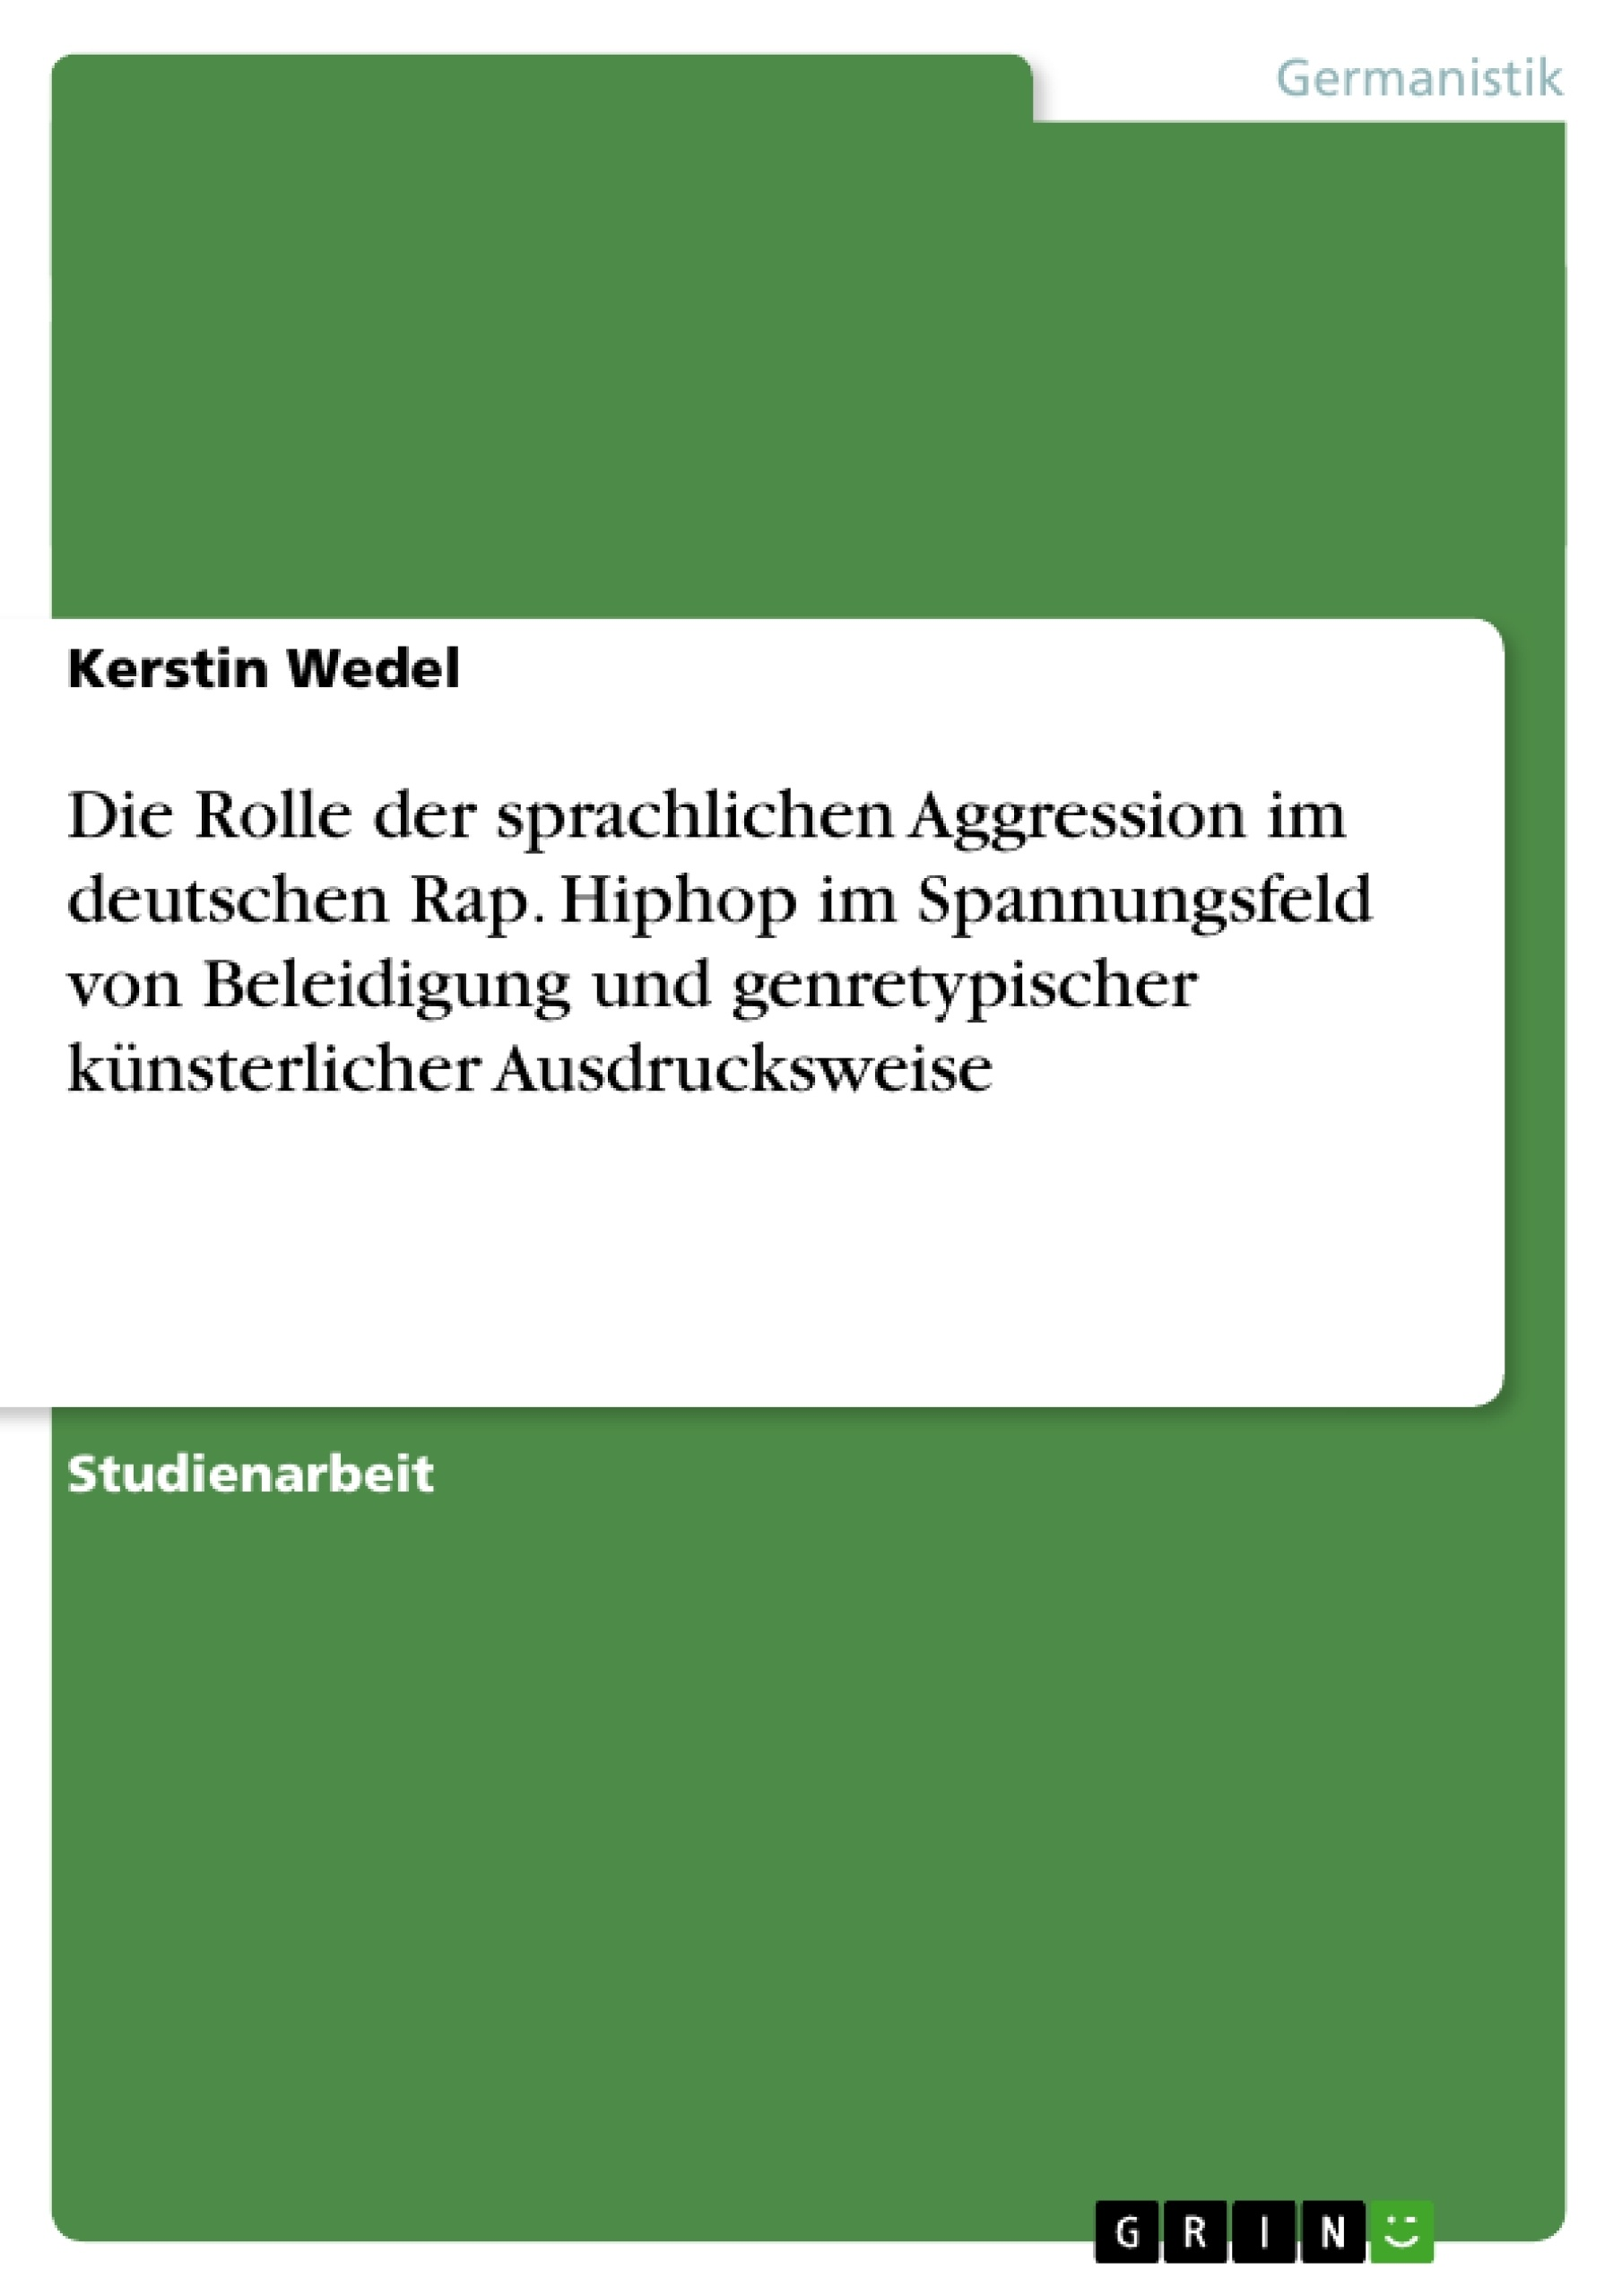 Titel: Die Rolle der sprachlichen Aggression im deutschen Rap. Hiphop im Spannungsfeld von Beleidigung und genretypischer künstlerischer Ausdrucksweise